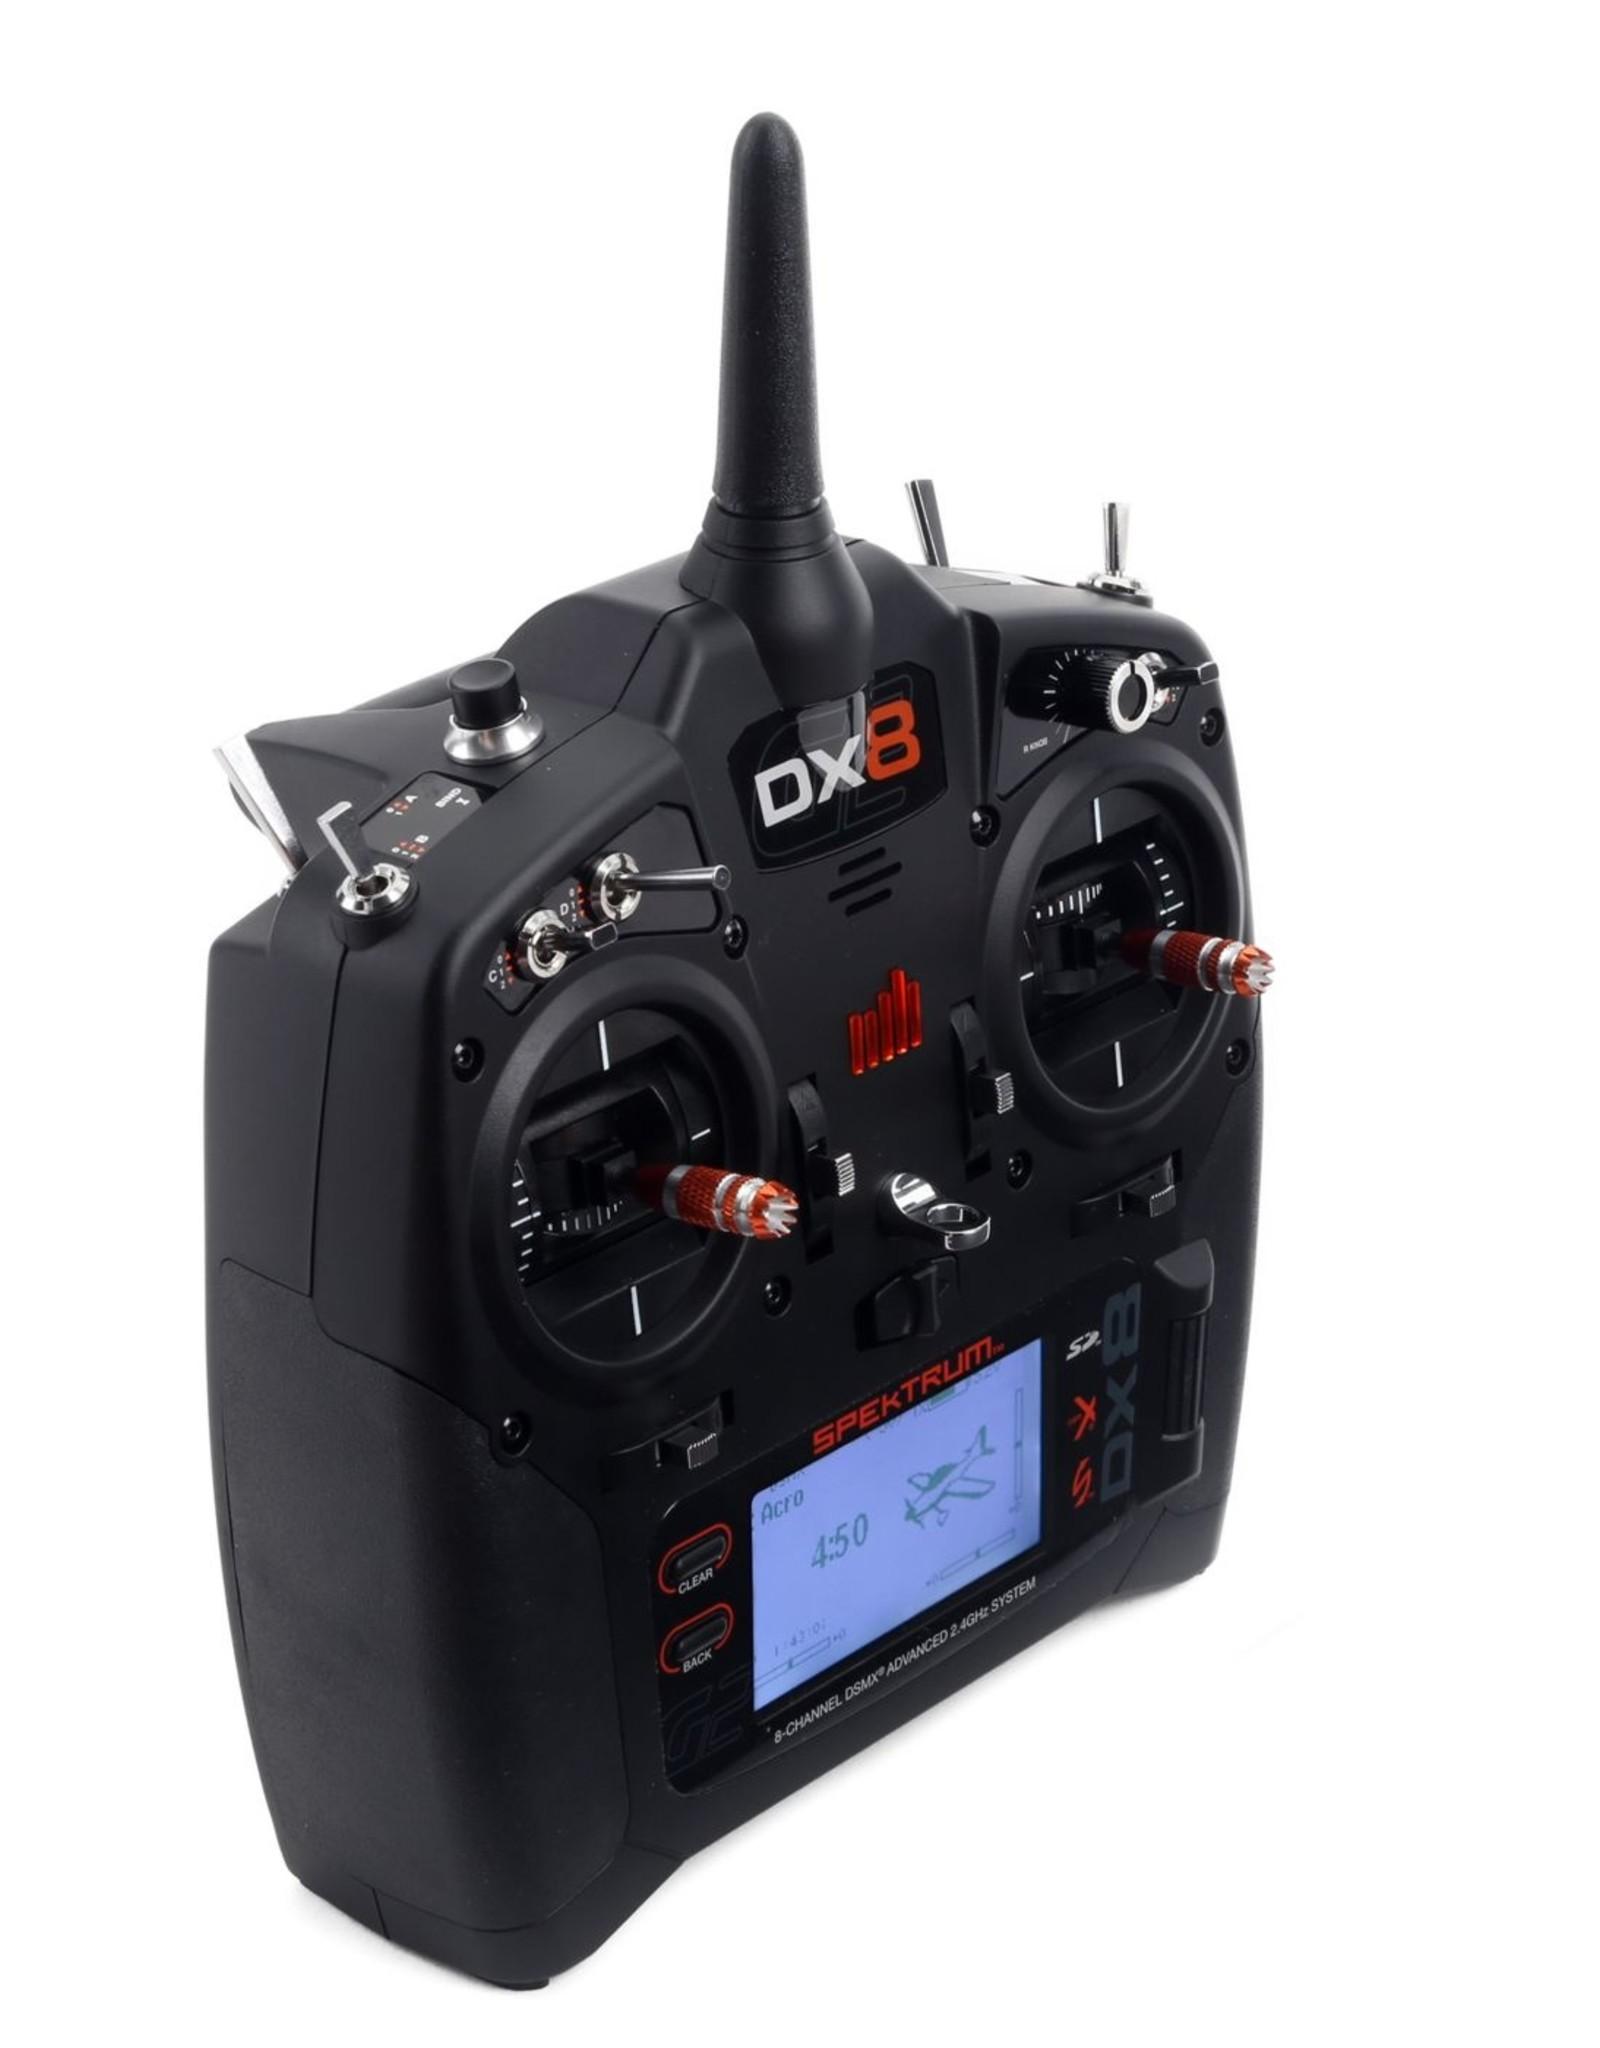 Spektrum Spektrum DX8 8-Channel DSMX Transmitter Only Gen 2